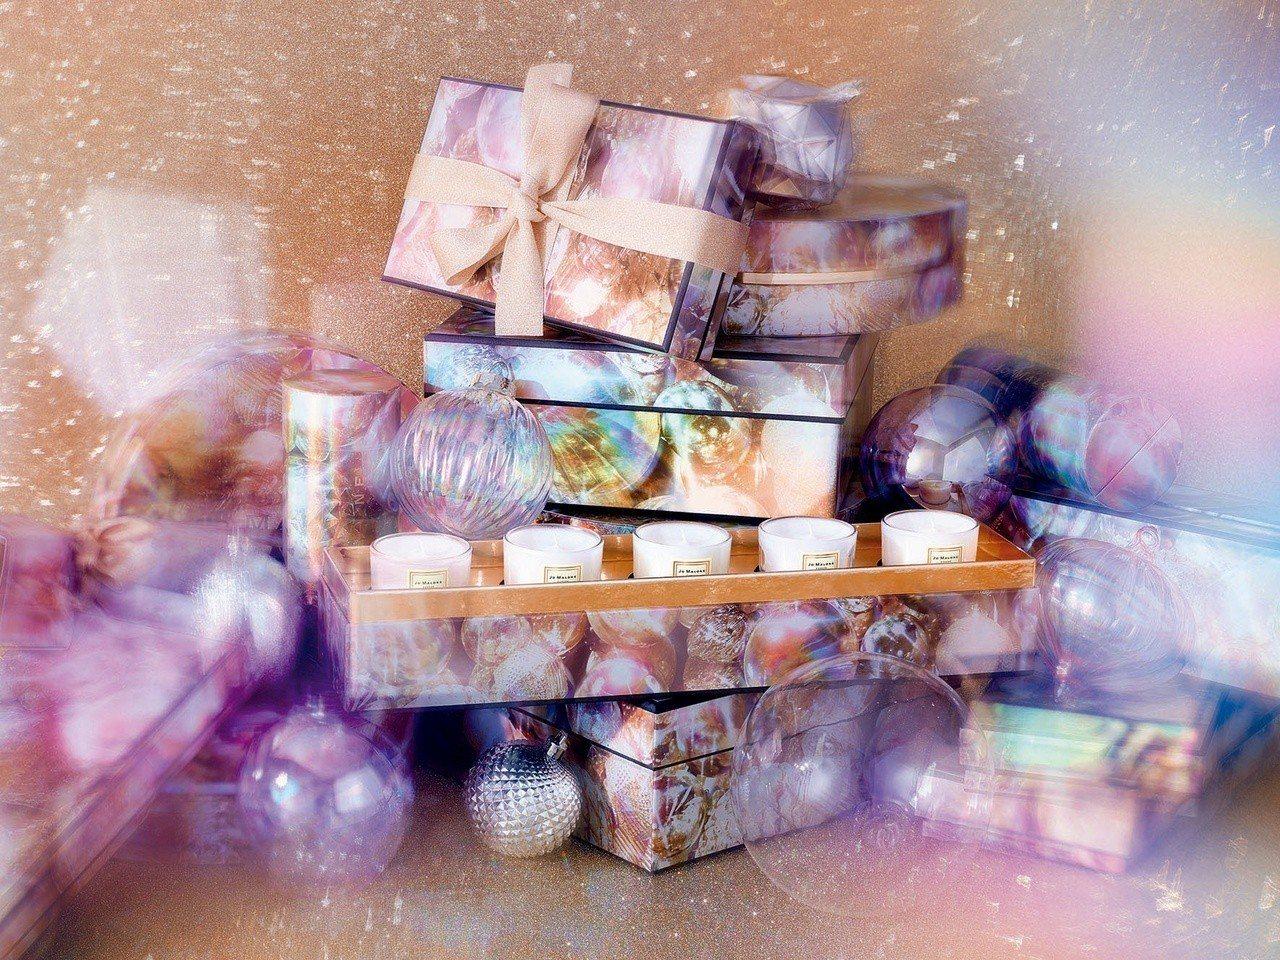 Jo Malone耶誕霓彩狂歡迷你香氛蠟燭禮盒,售價4,200元。圖/Jo Ma...